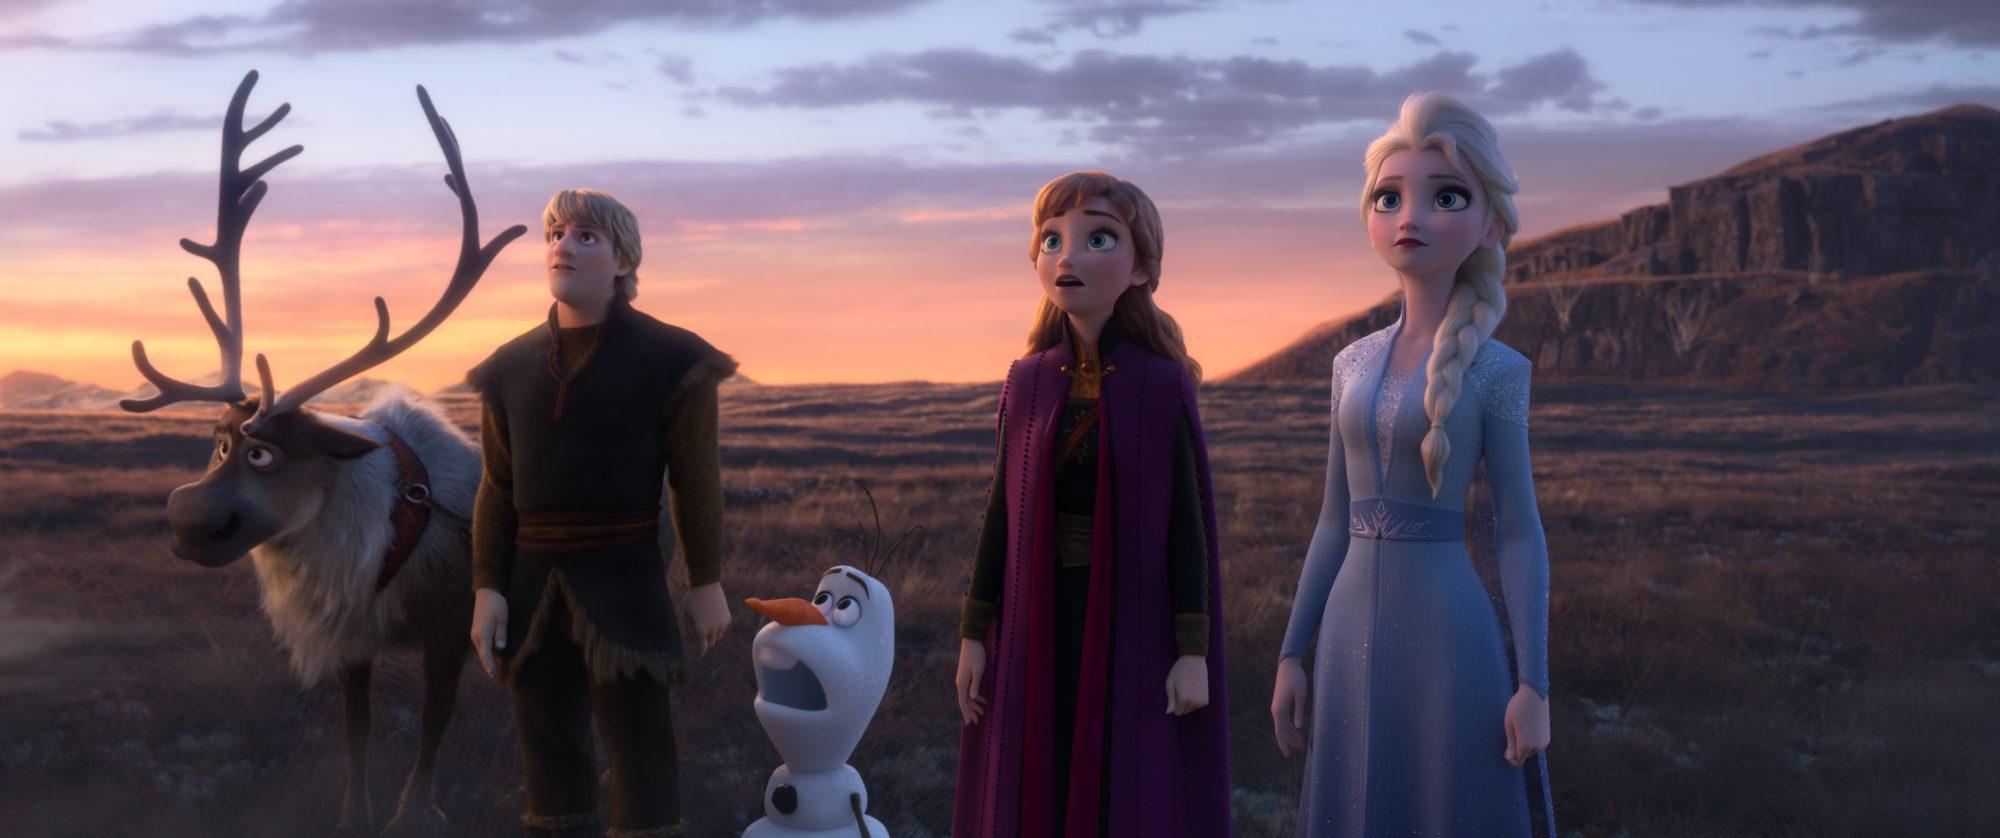 Disney plus settembre 2020 frozen 2